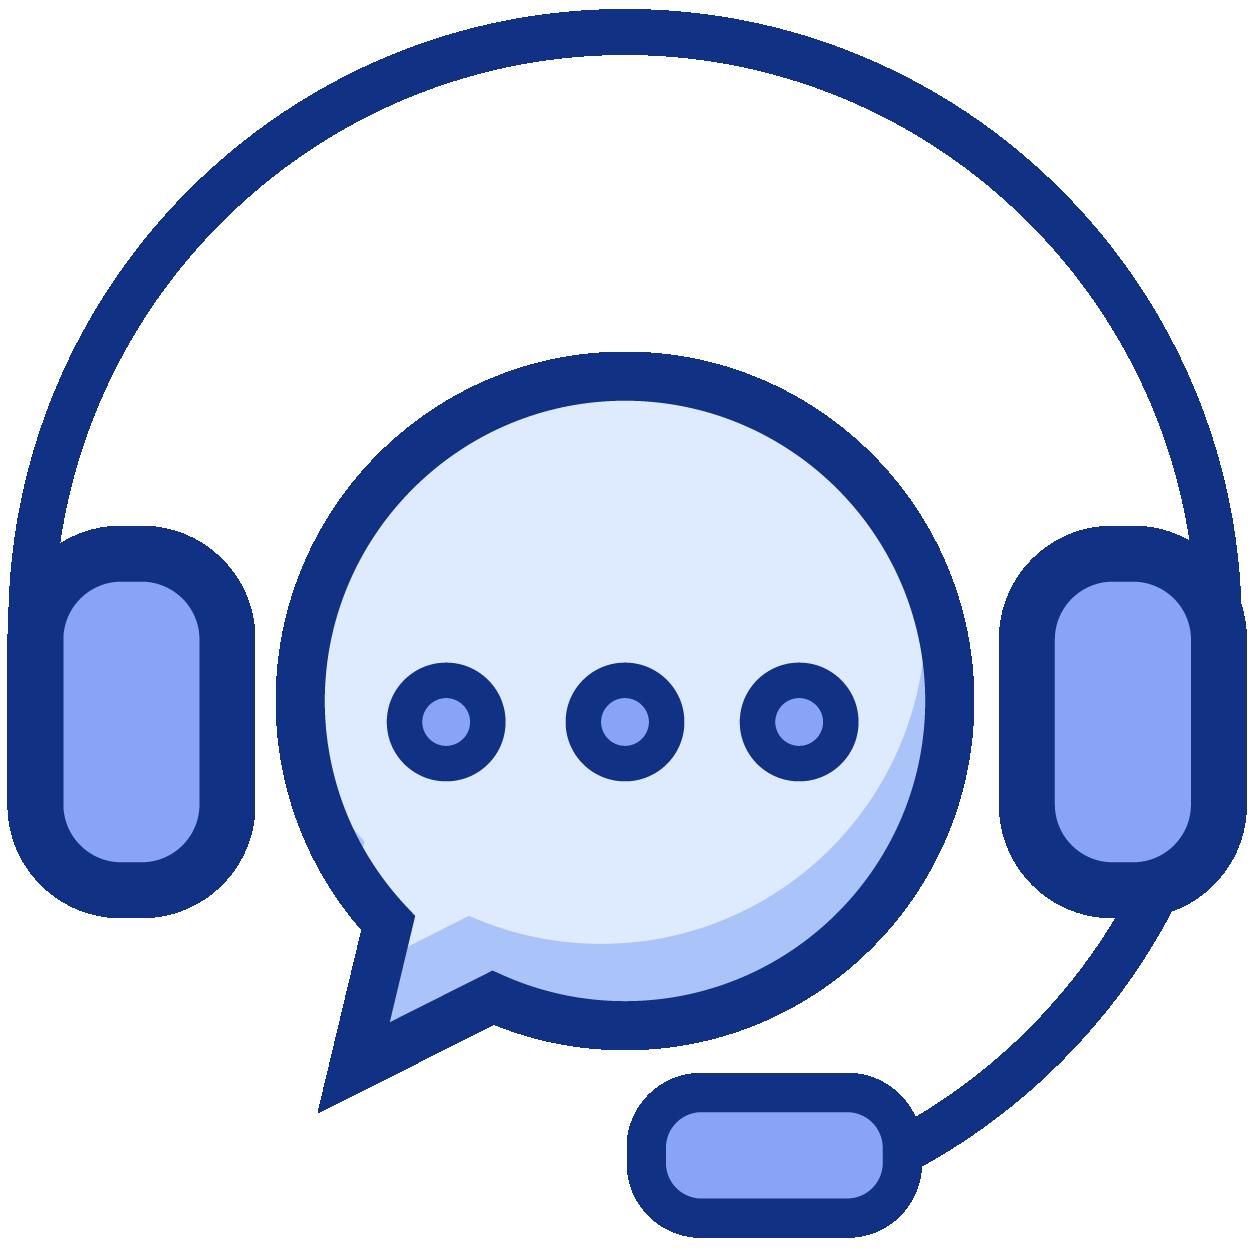 Kundendienst icon